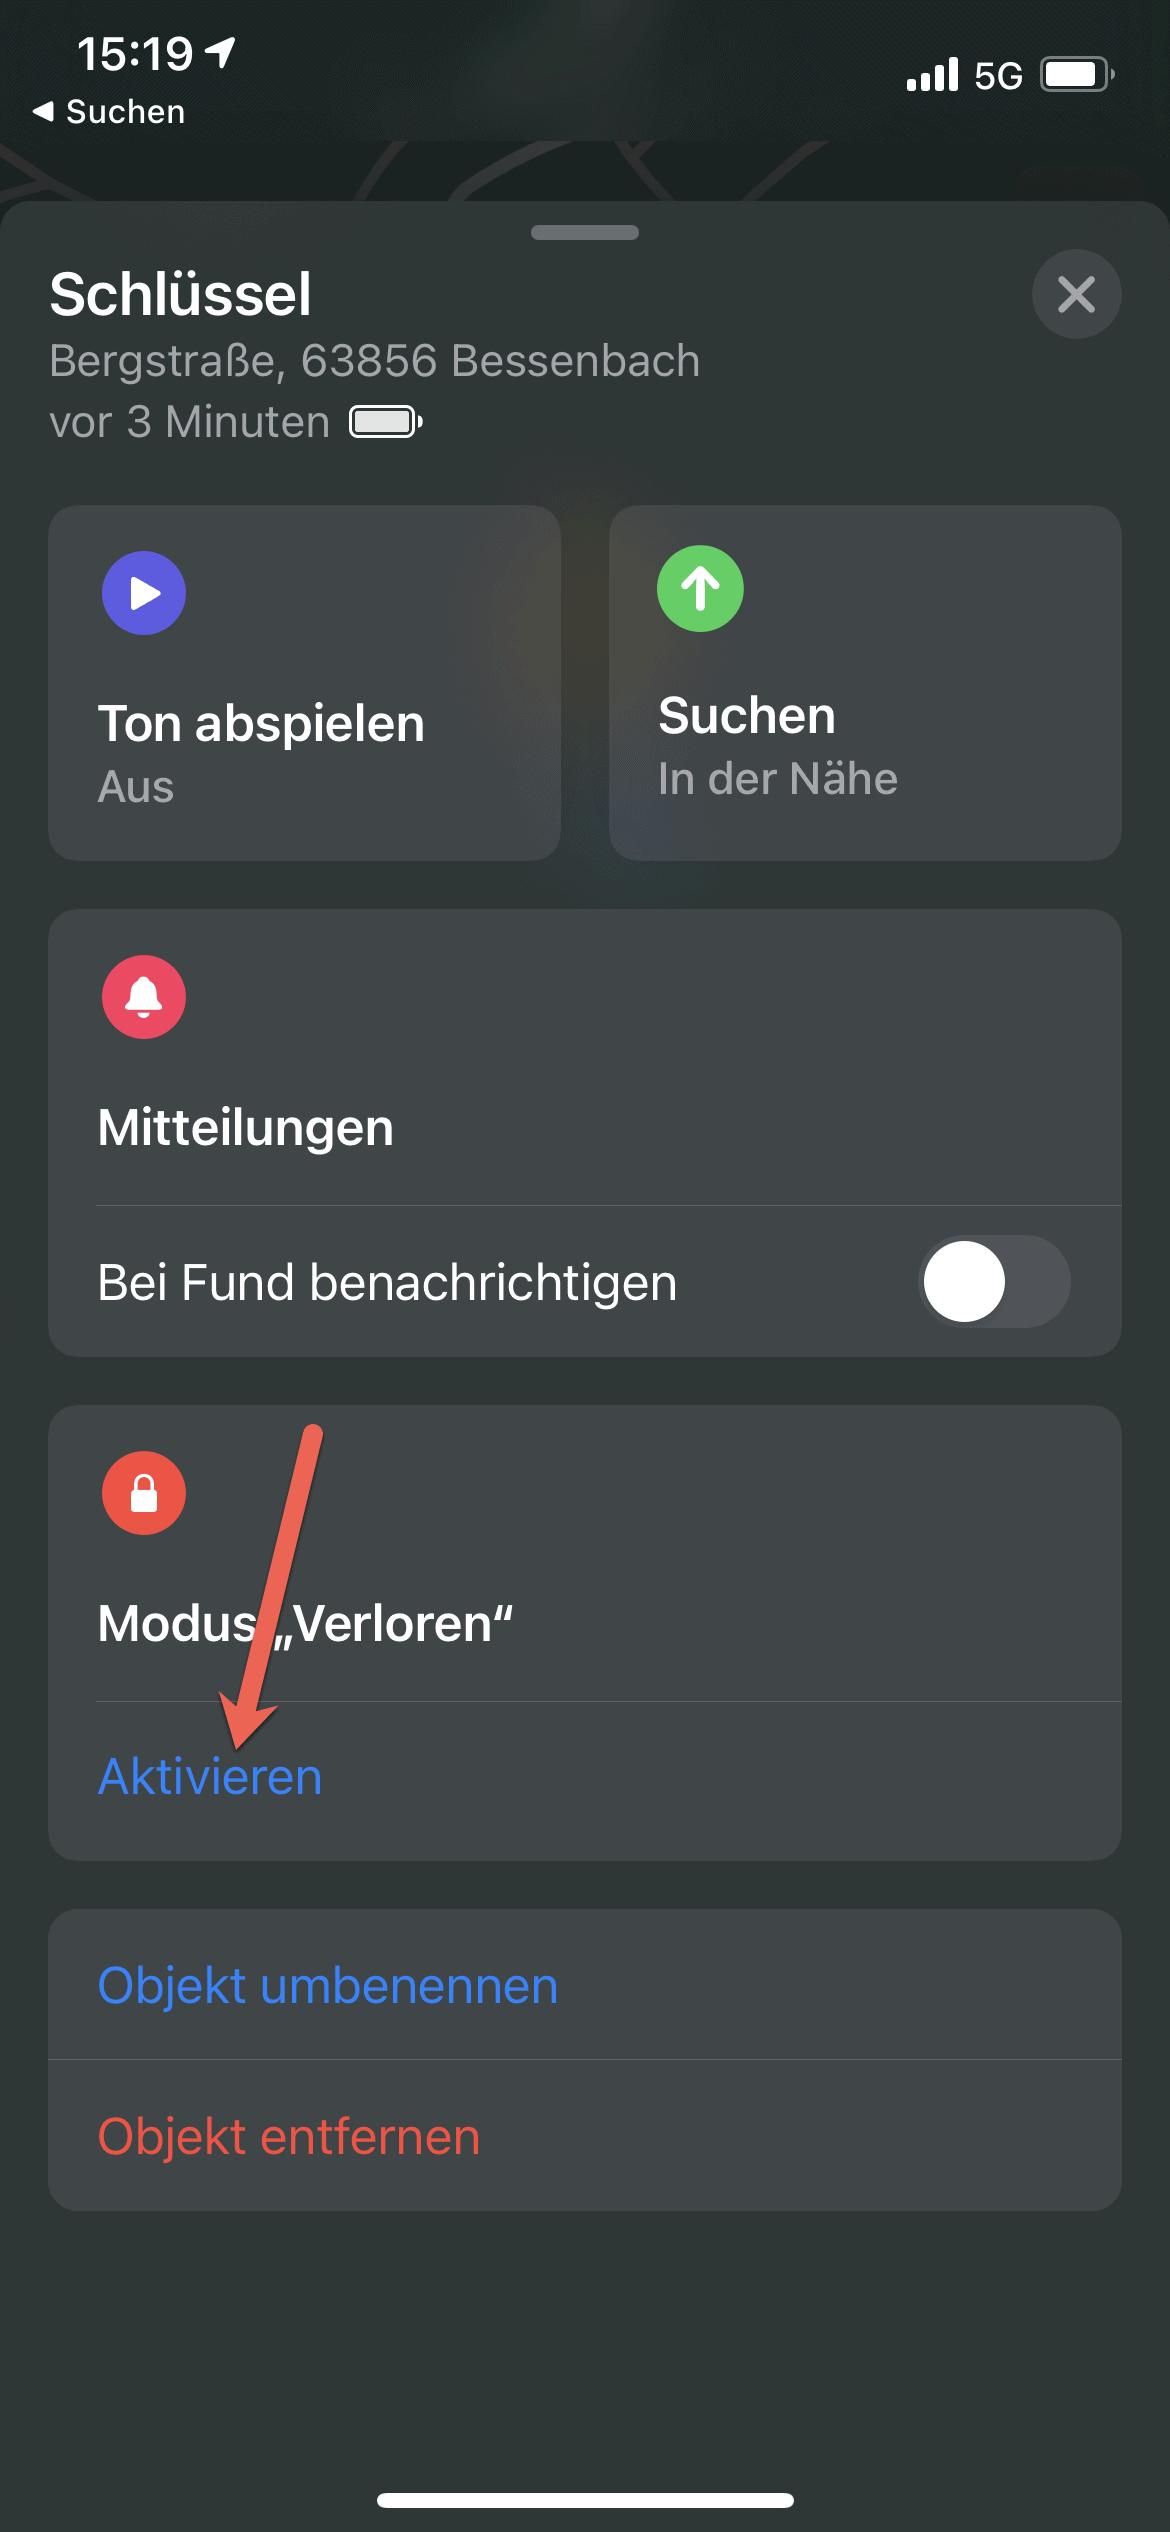 AirTag verloren modus aktivieren